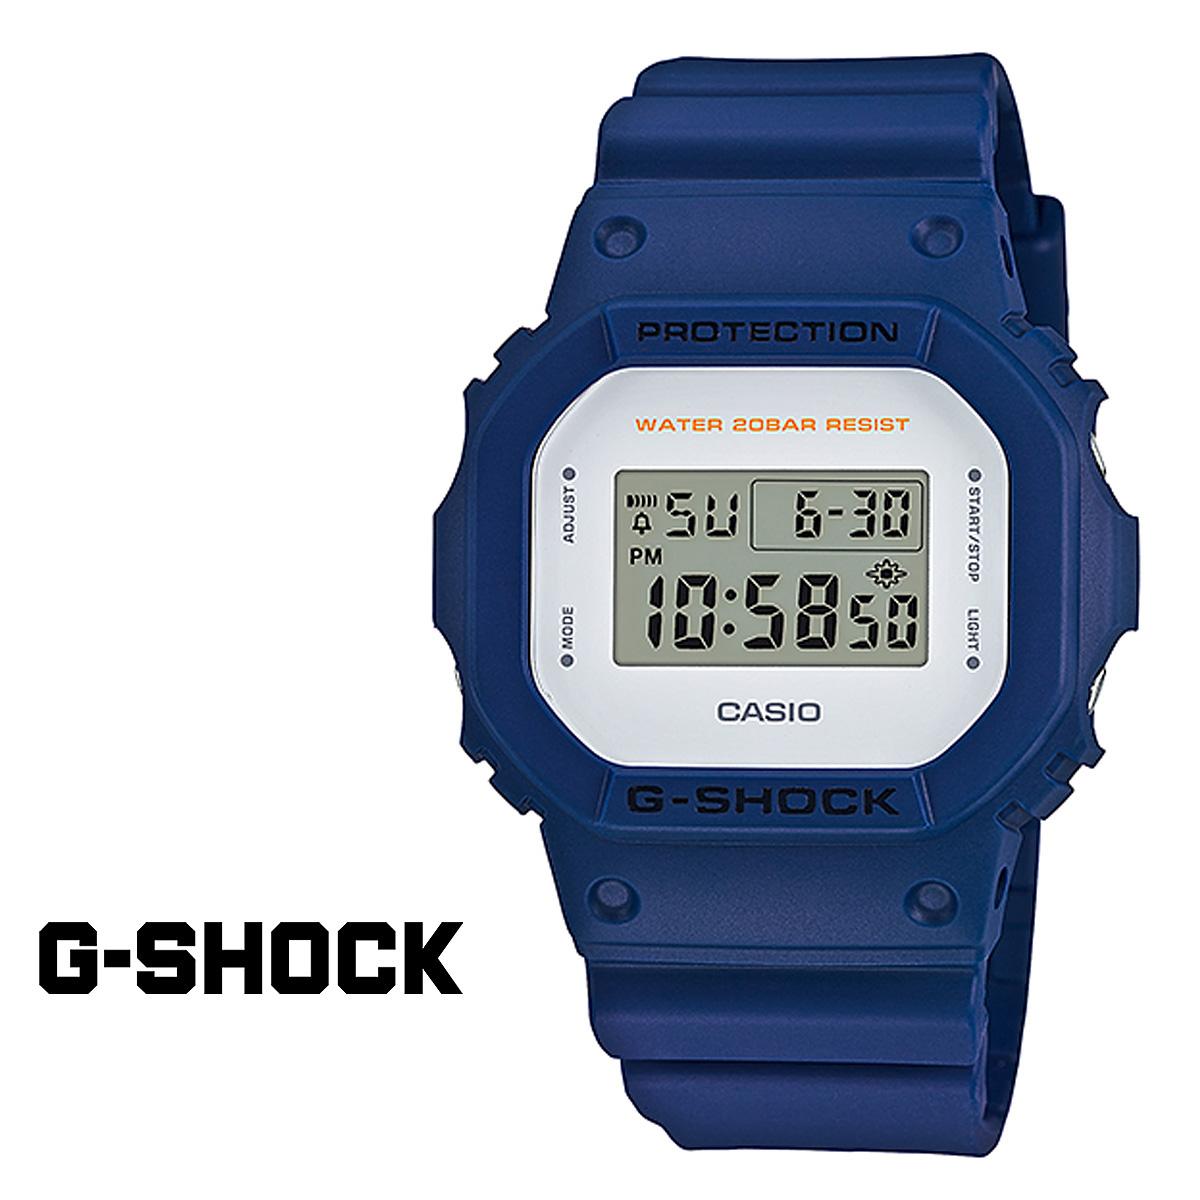 CASIO カシオ G-SHOCK 腕時計 DW-5600M-2JF DW-5600M SERIES ジーショック Gショック G-ショック メンズ レディース